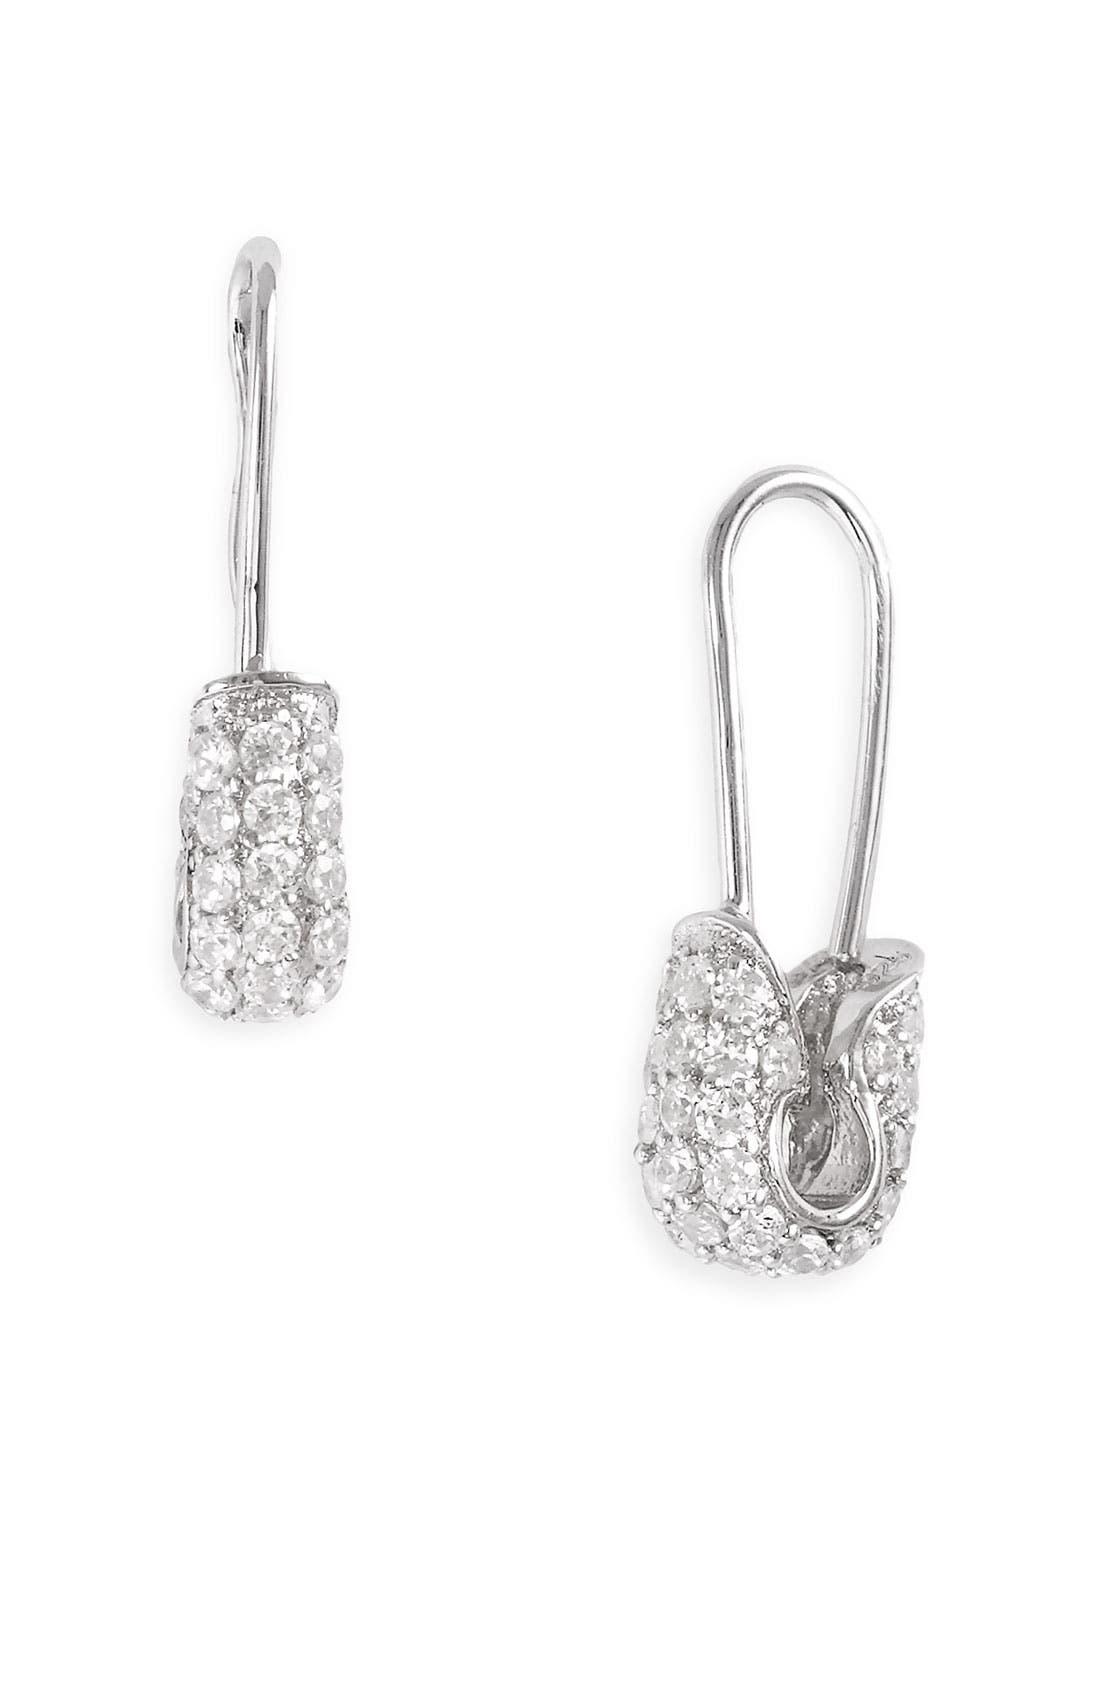 Alternate Image 1 Selected - Tom Binns 'Bejewelled Safety Binns' Earrings